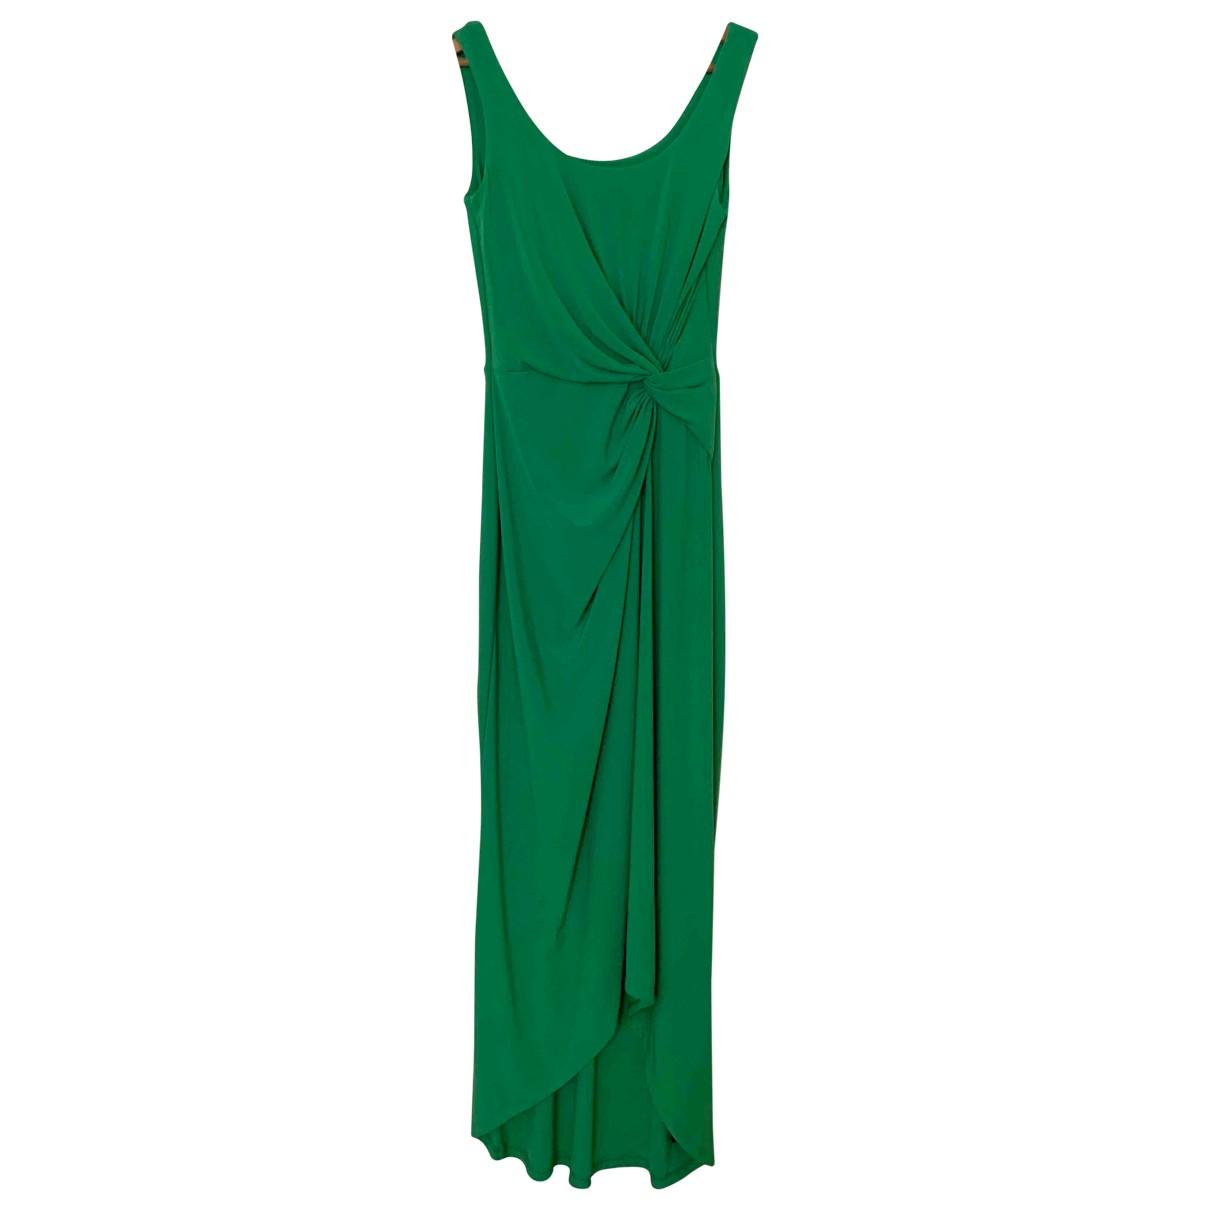 Lauren Ralph Lauren \N Green dress for Women 0 0-5